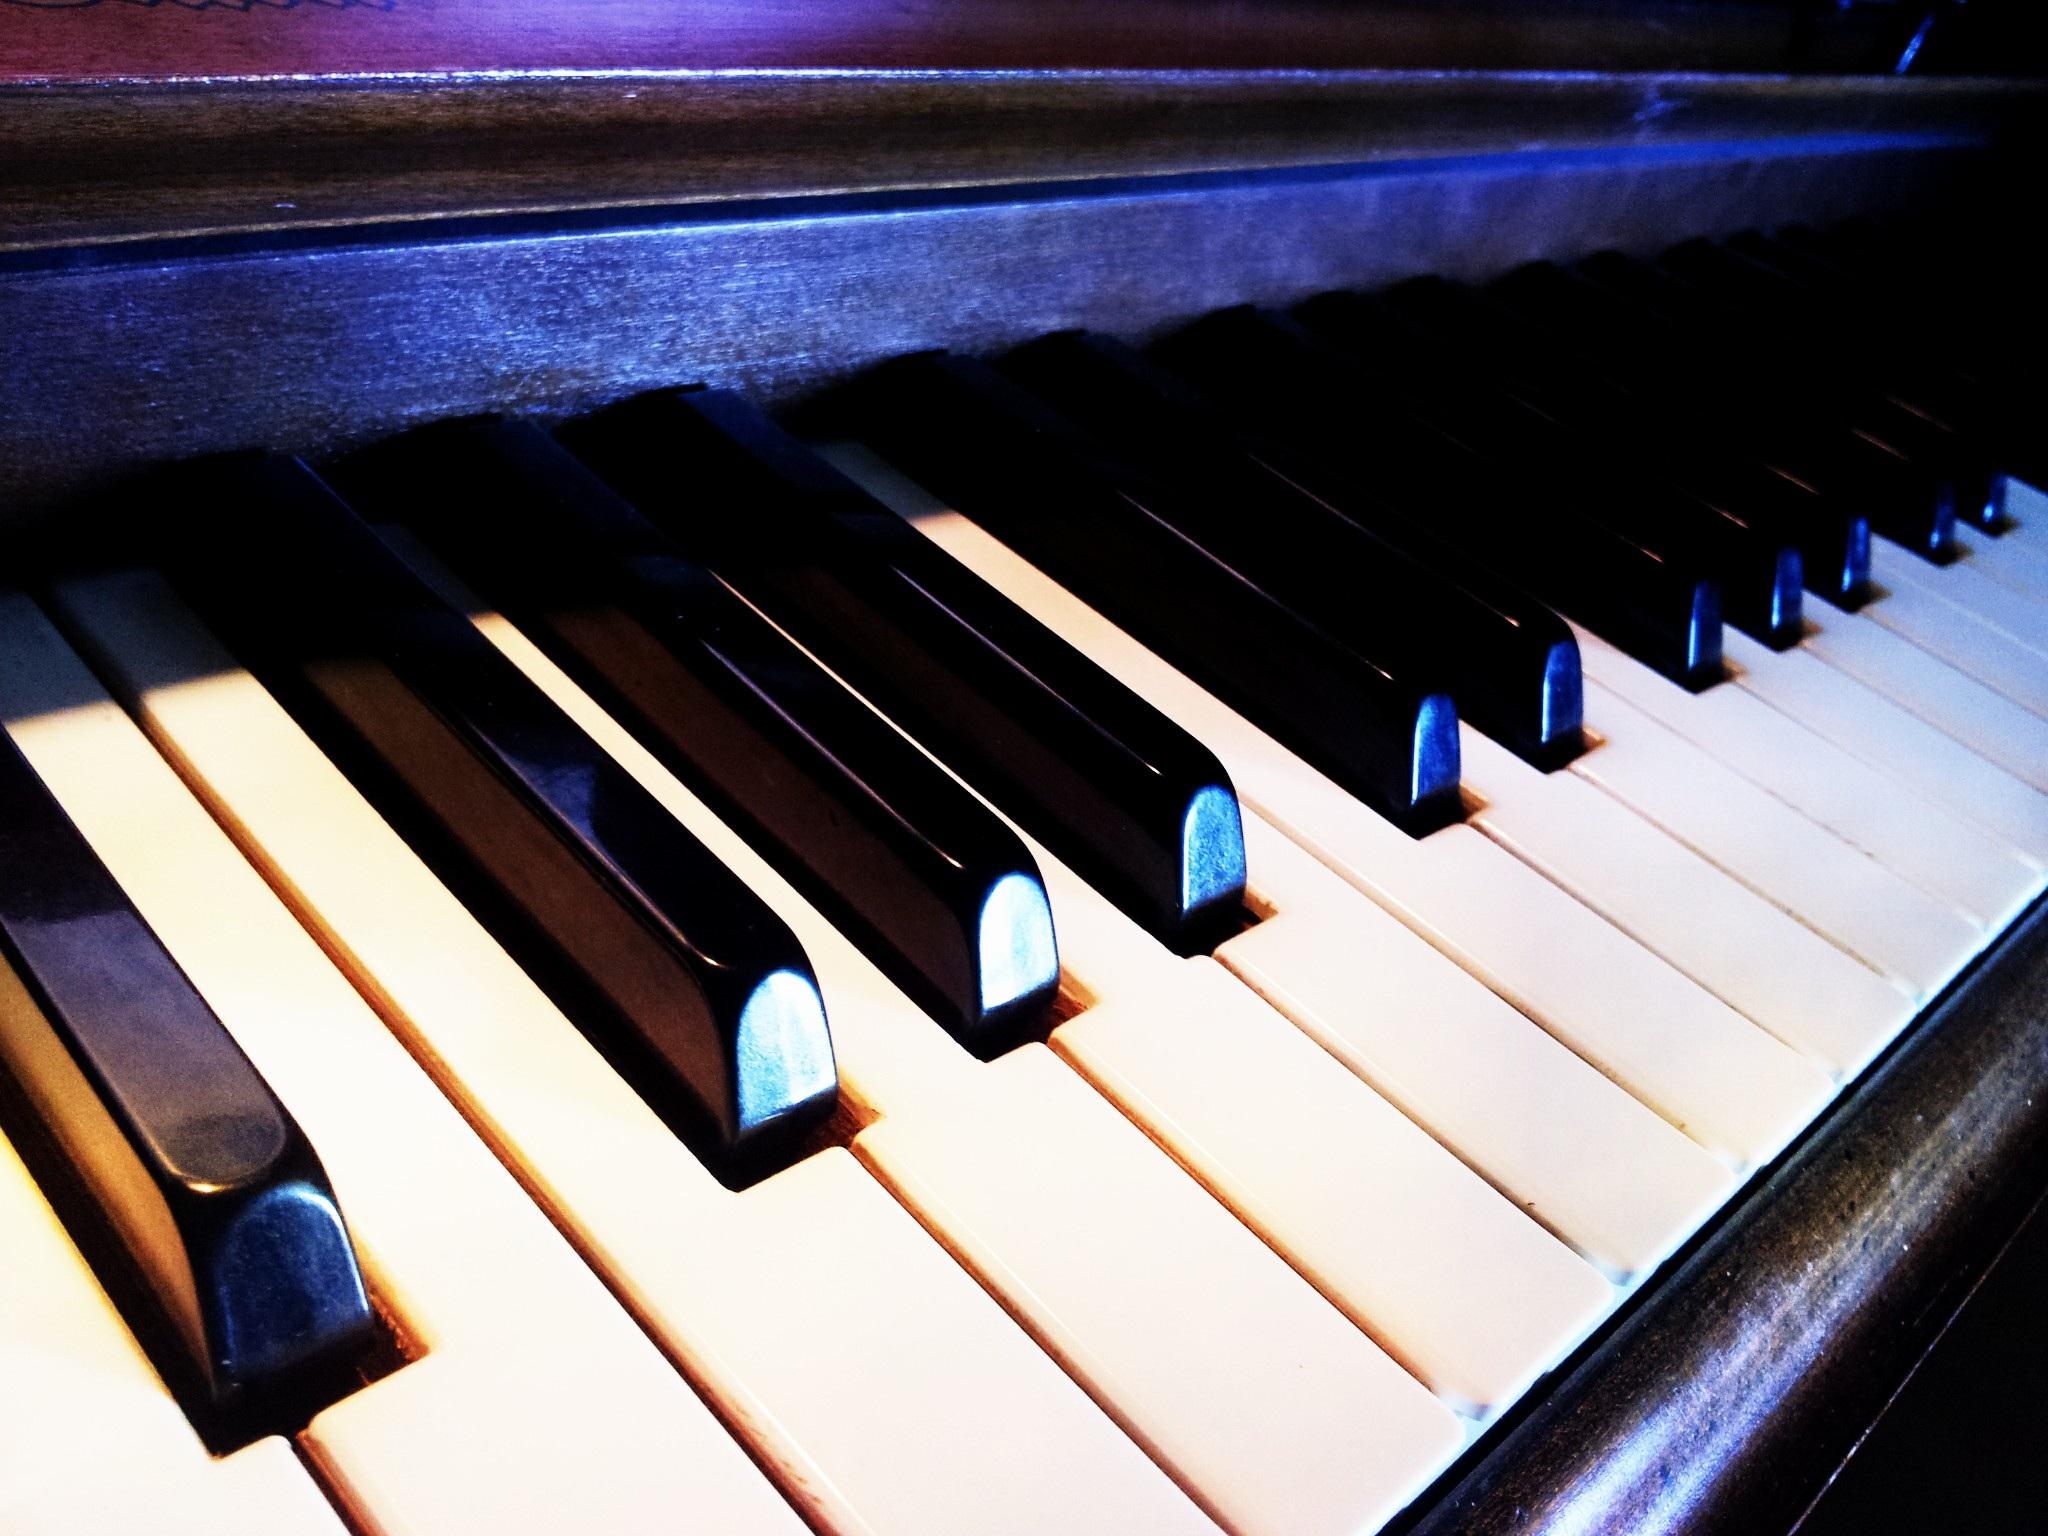 красивые картинки про пианино адели один самых